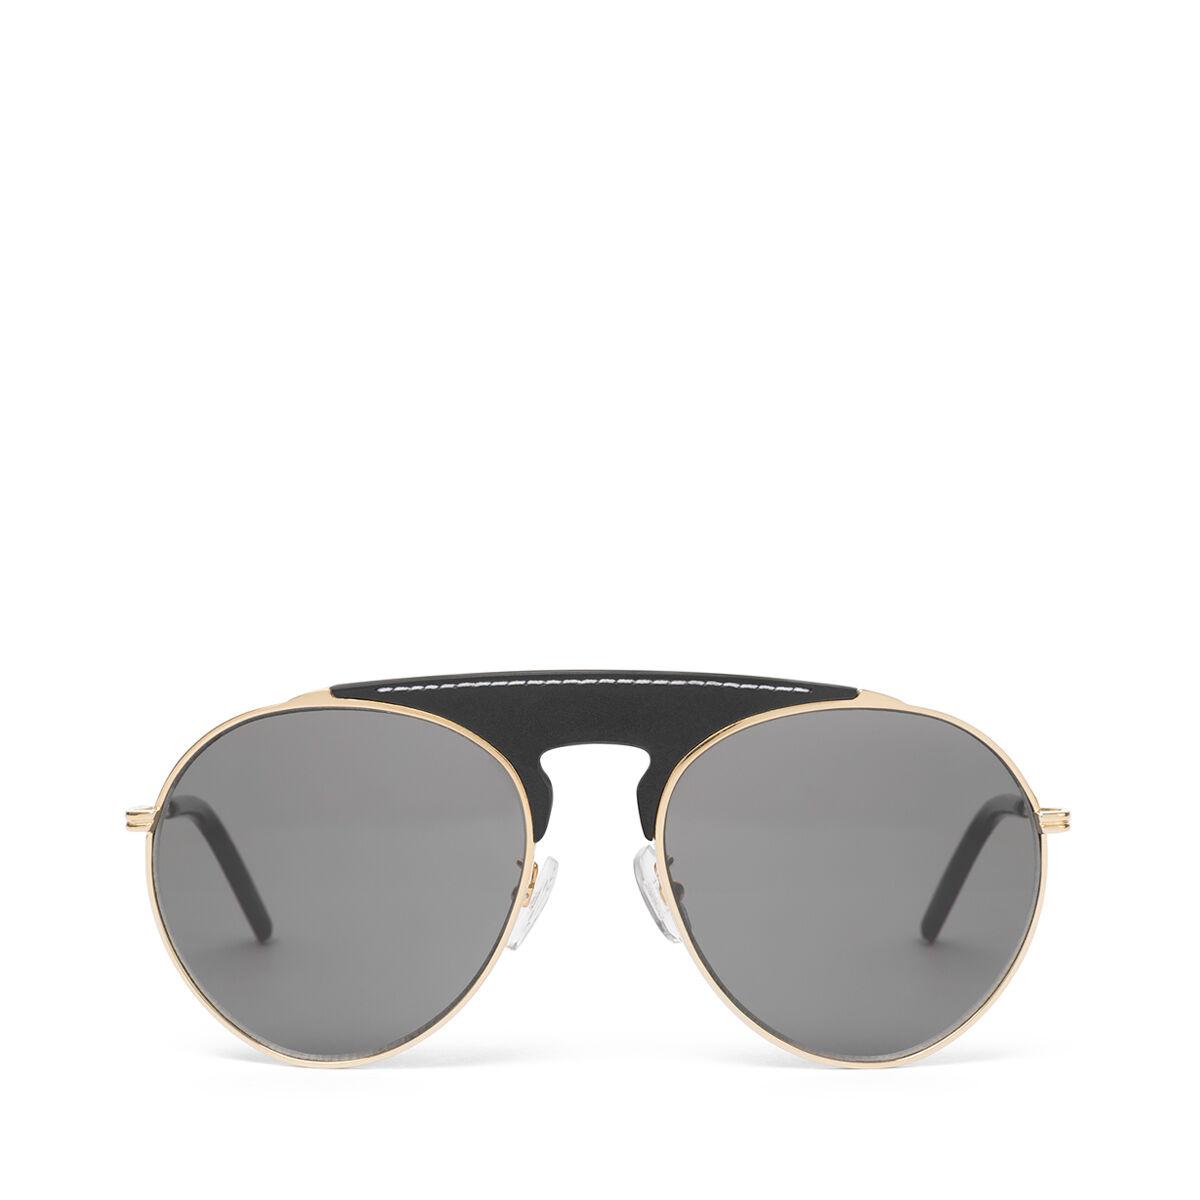 LOEWE Gafas Piloto Negro/Humo all